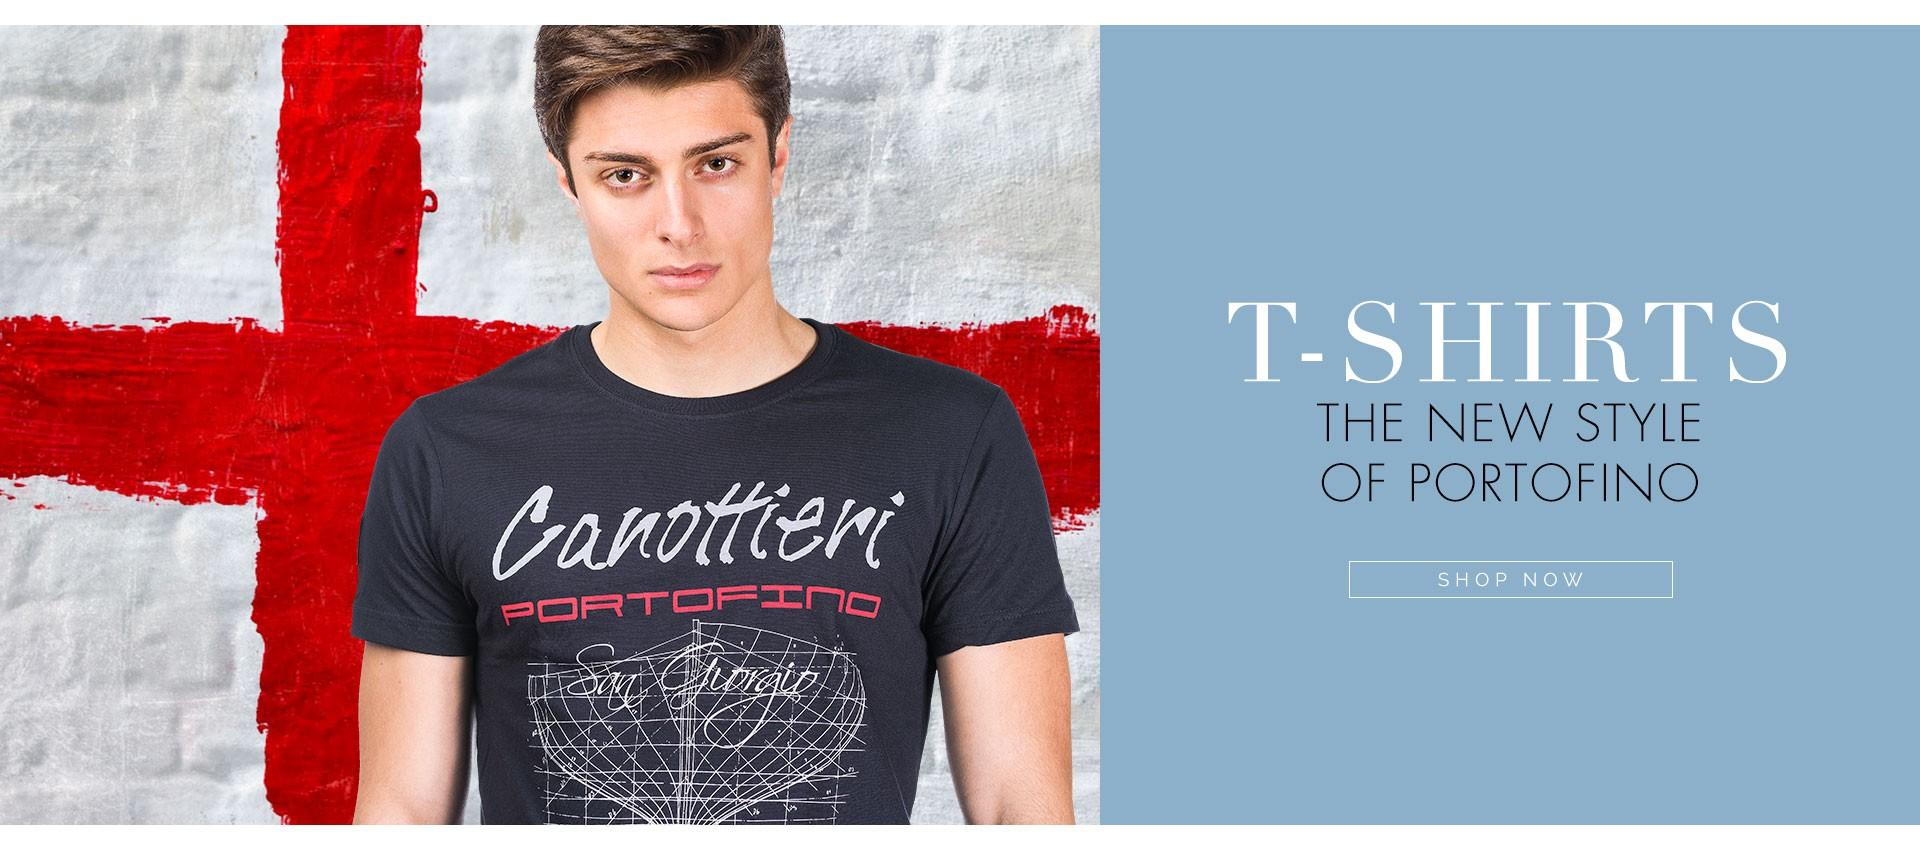 T-shirt Canottieri Portofino